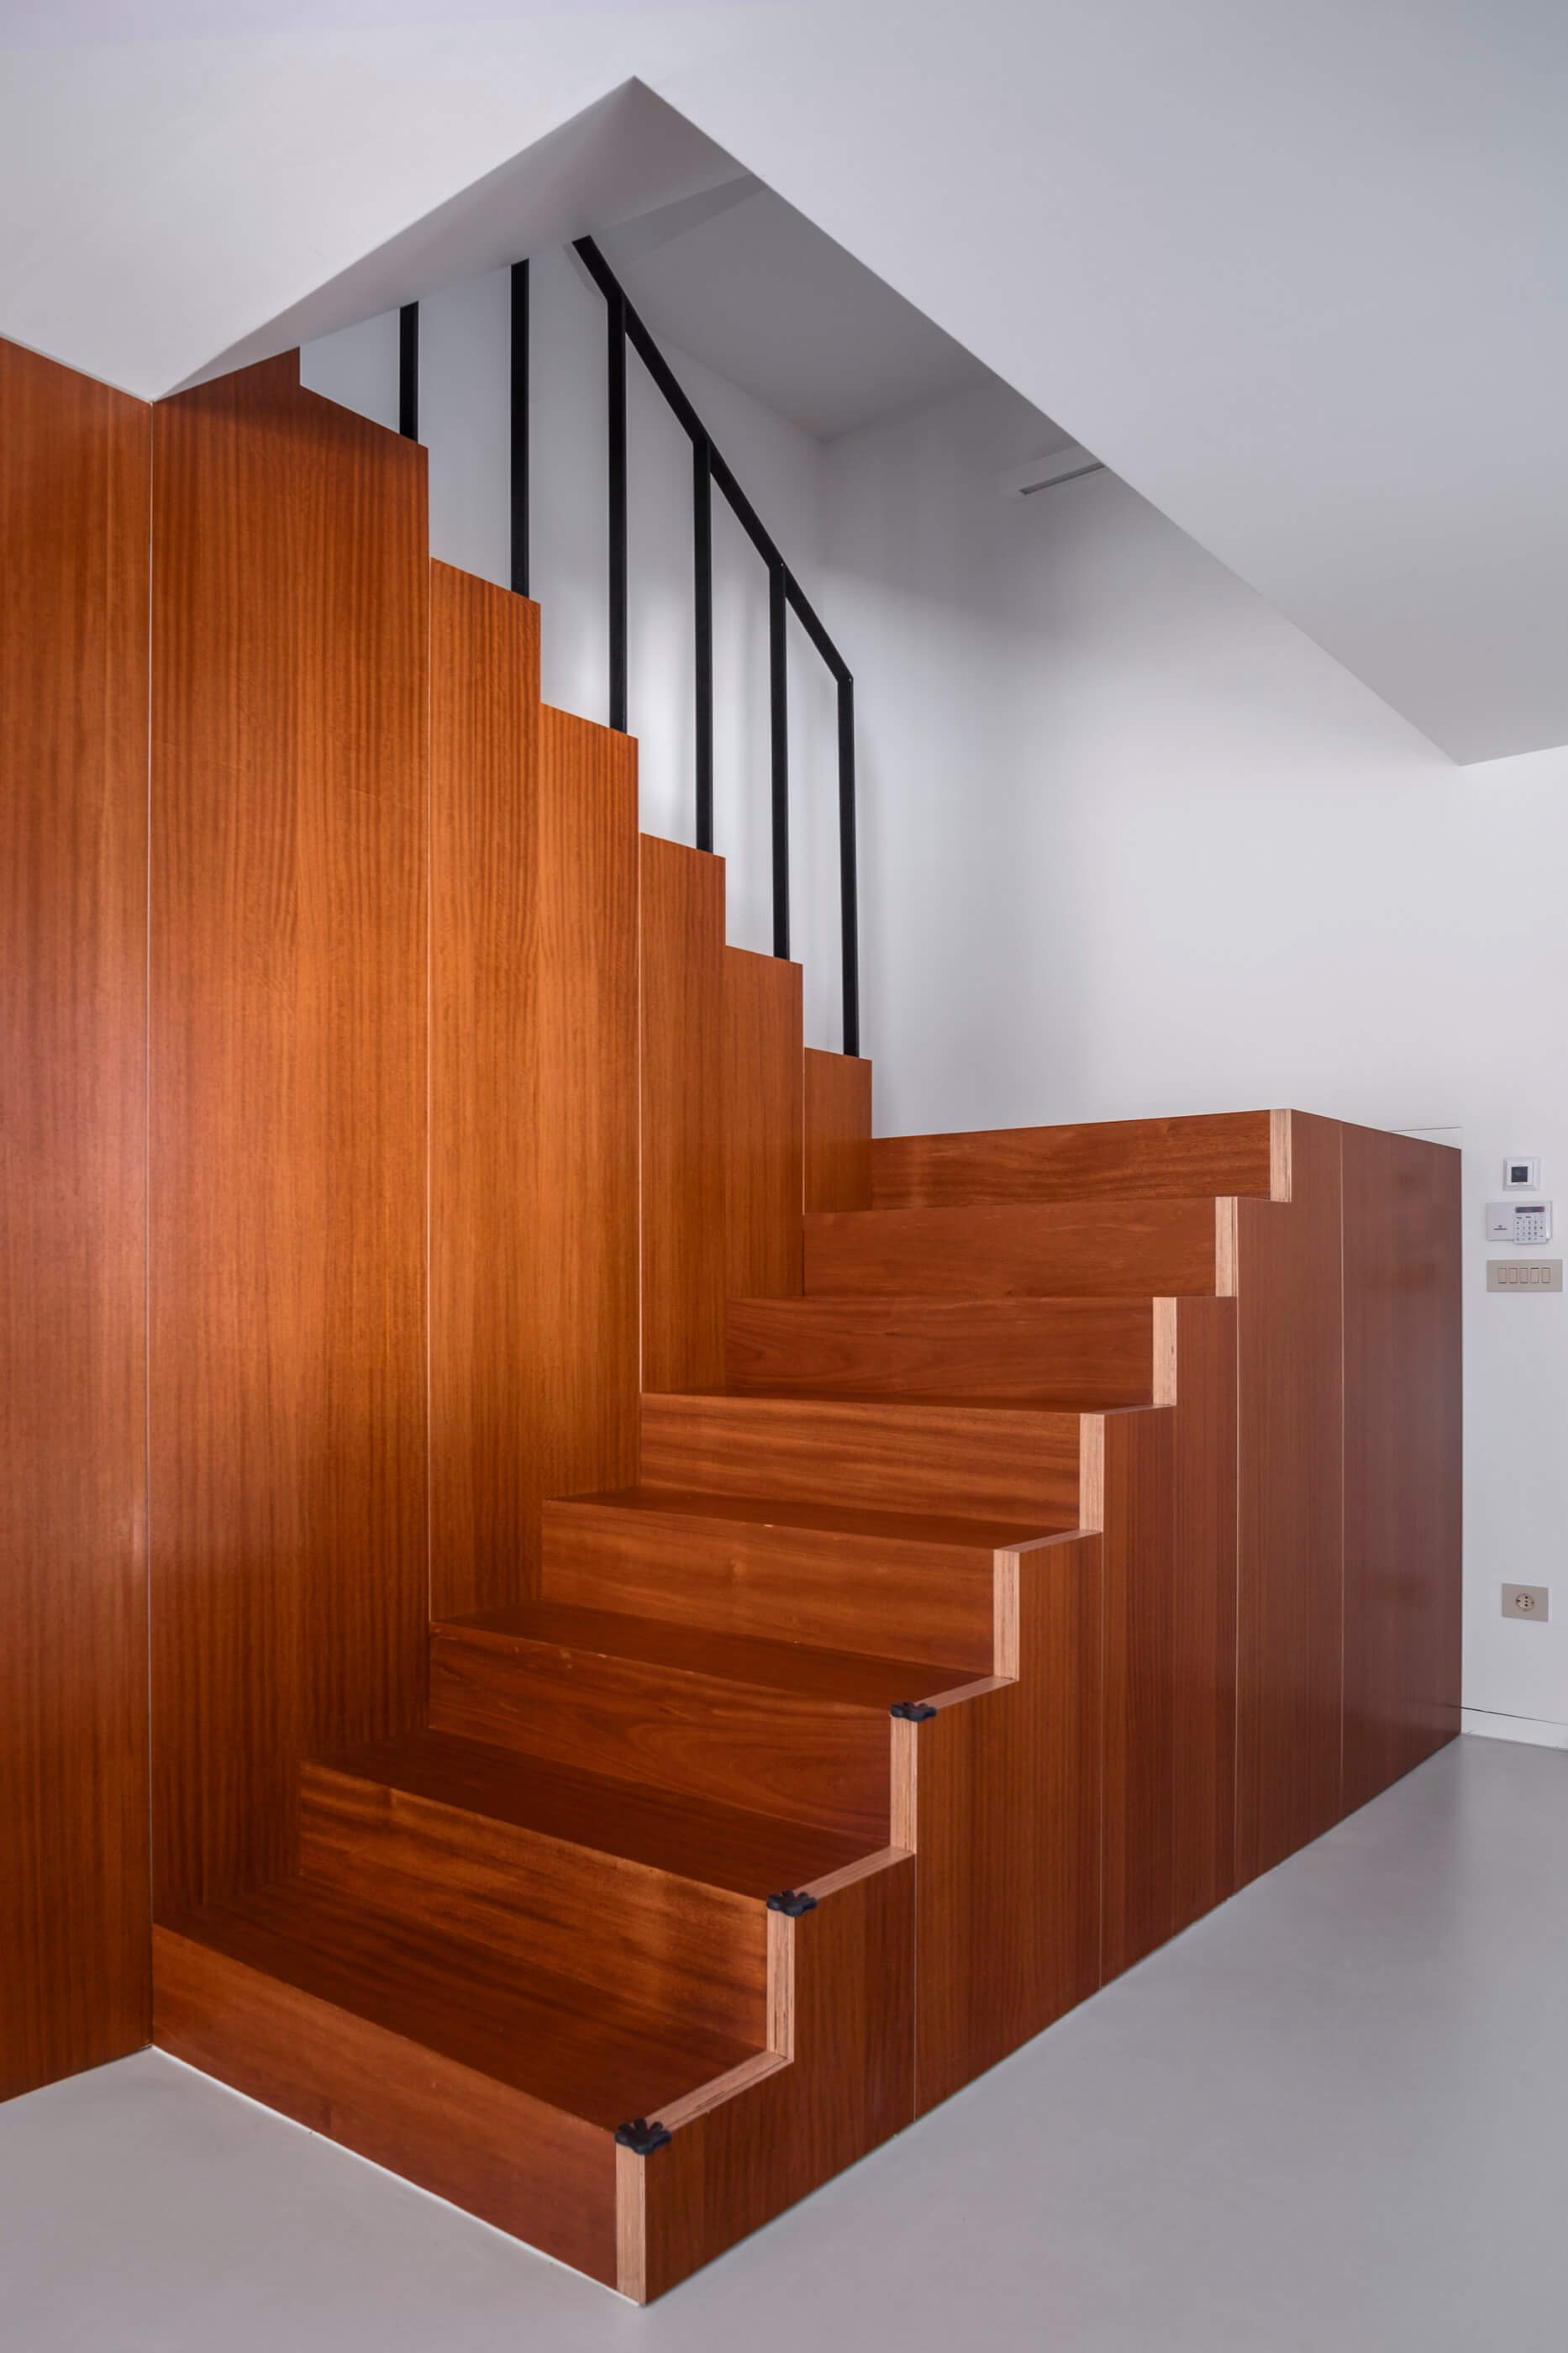 Arquitecto Lousinha Casa Fontes 9 do fotografo Ivo Tavares Studio